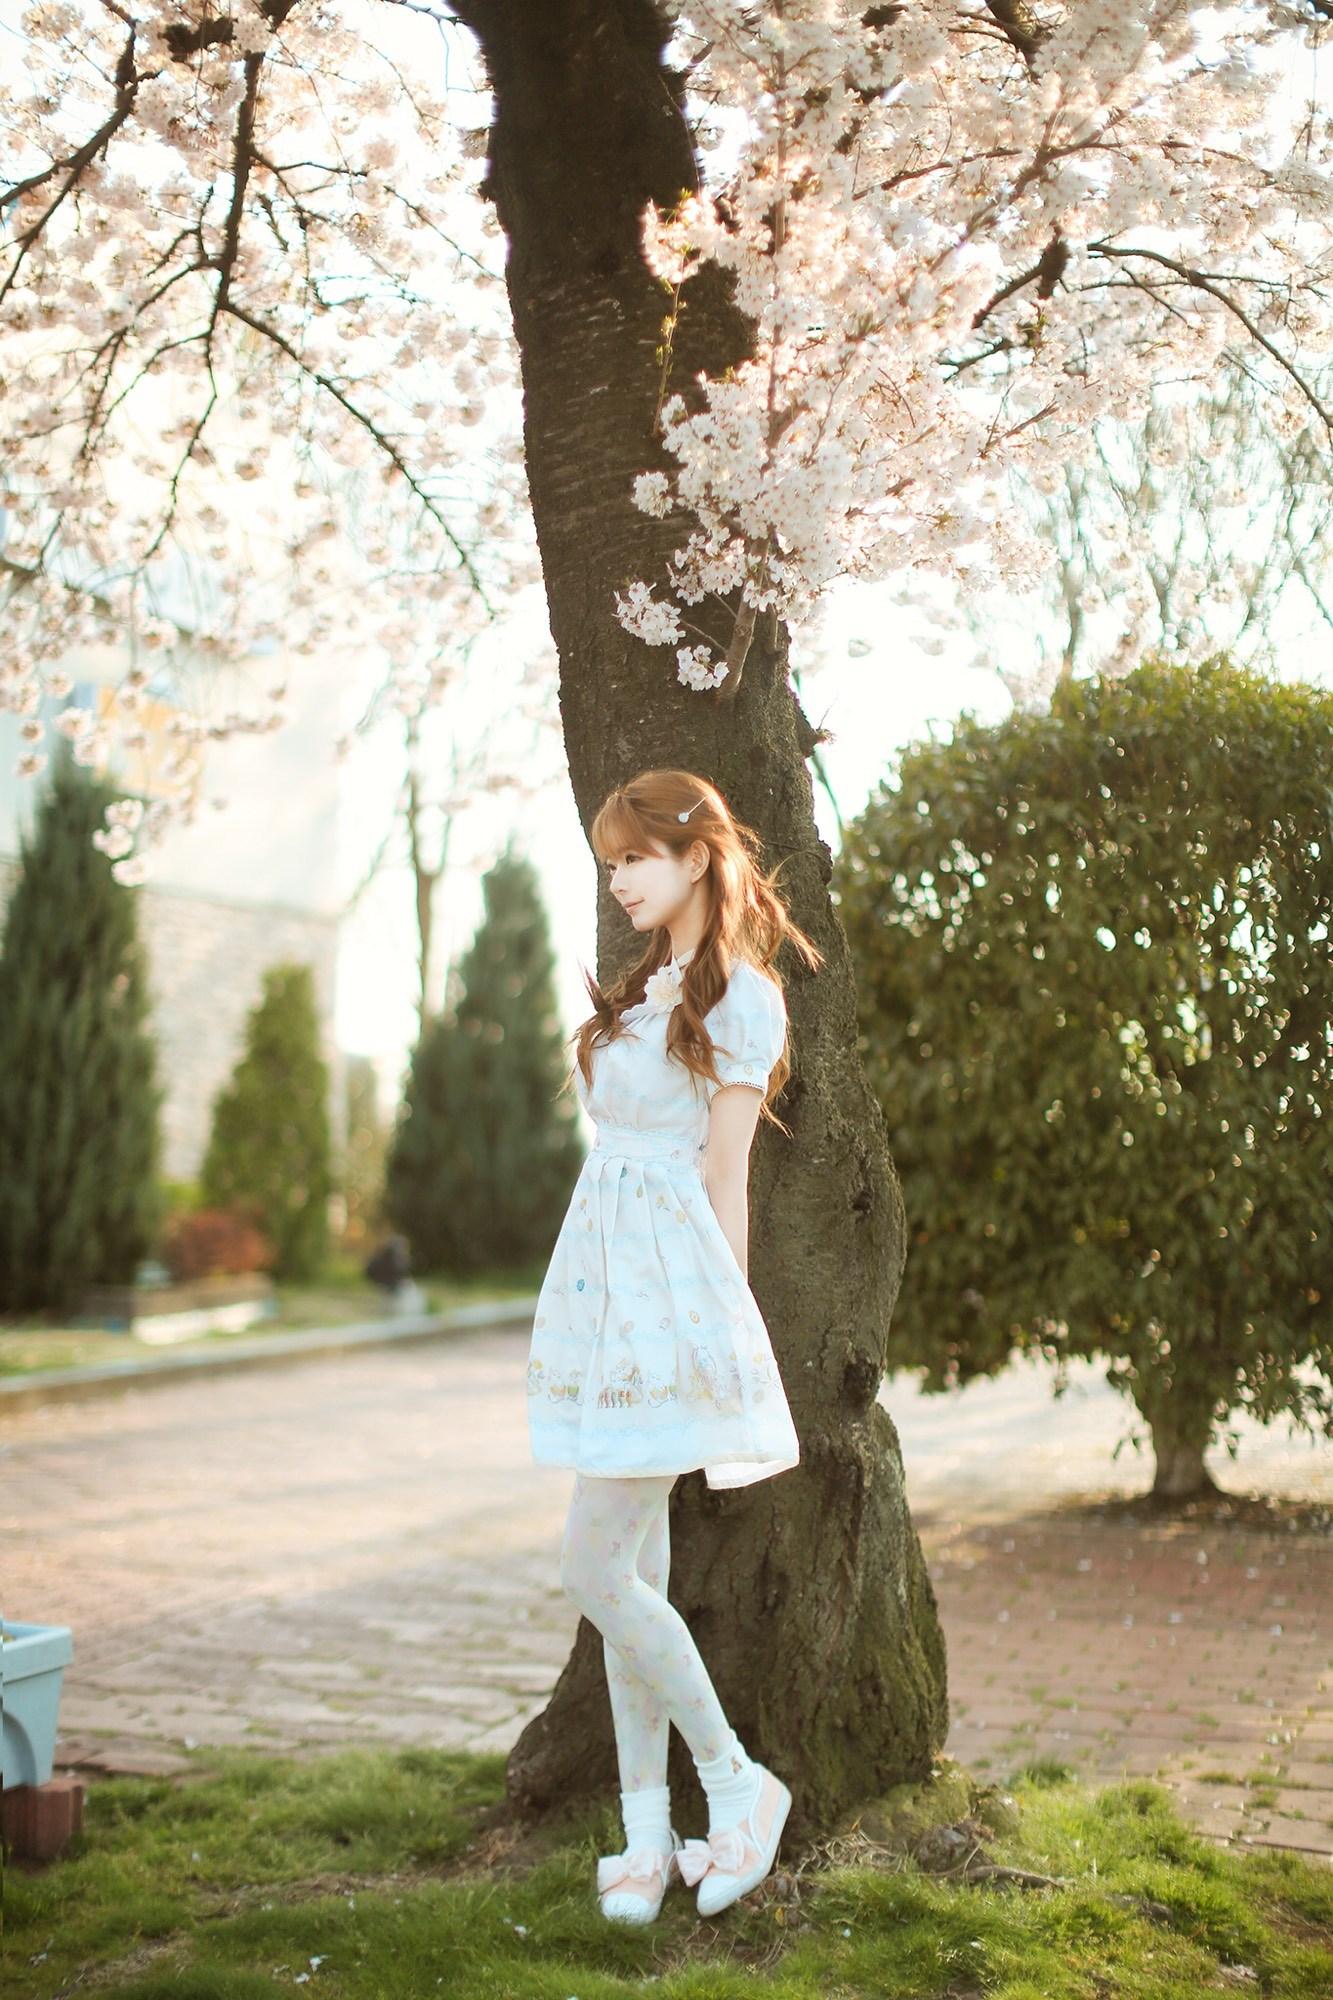 【兔玩映画】Yurisa 兔玩映画 第76张